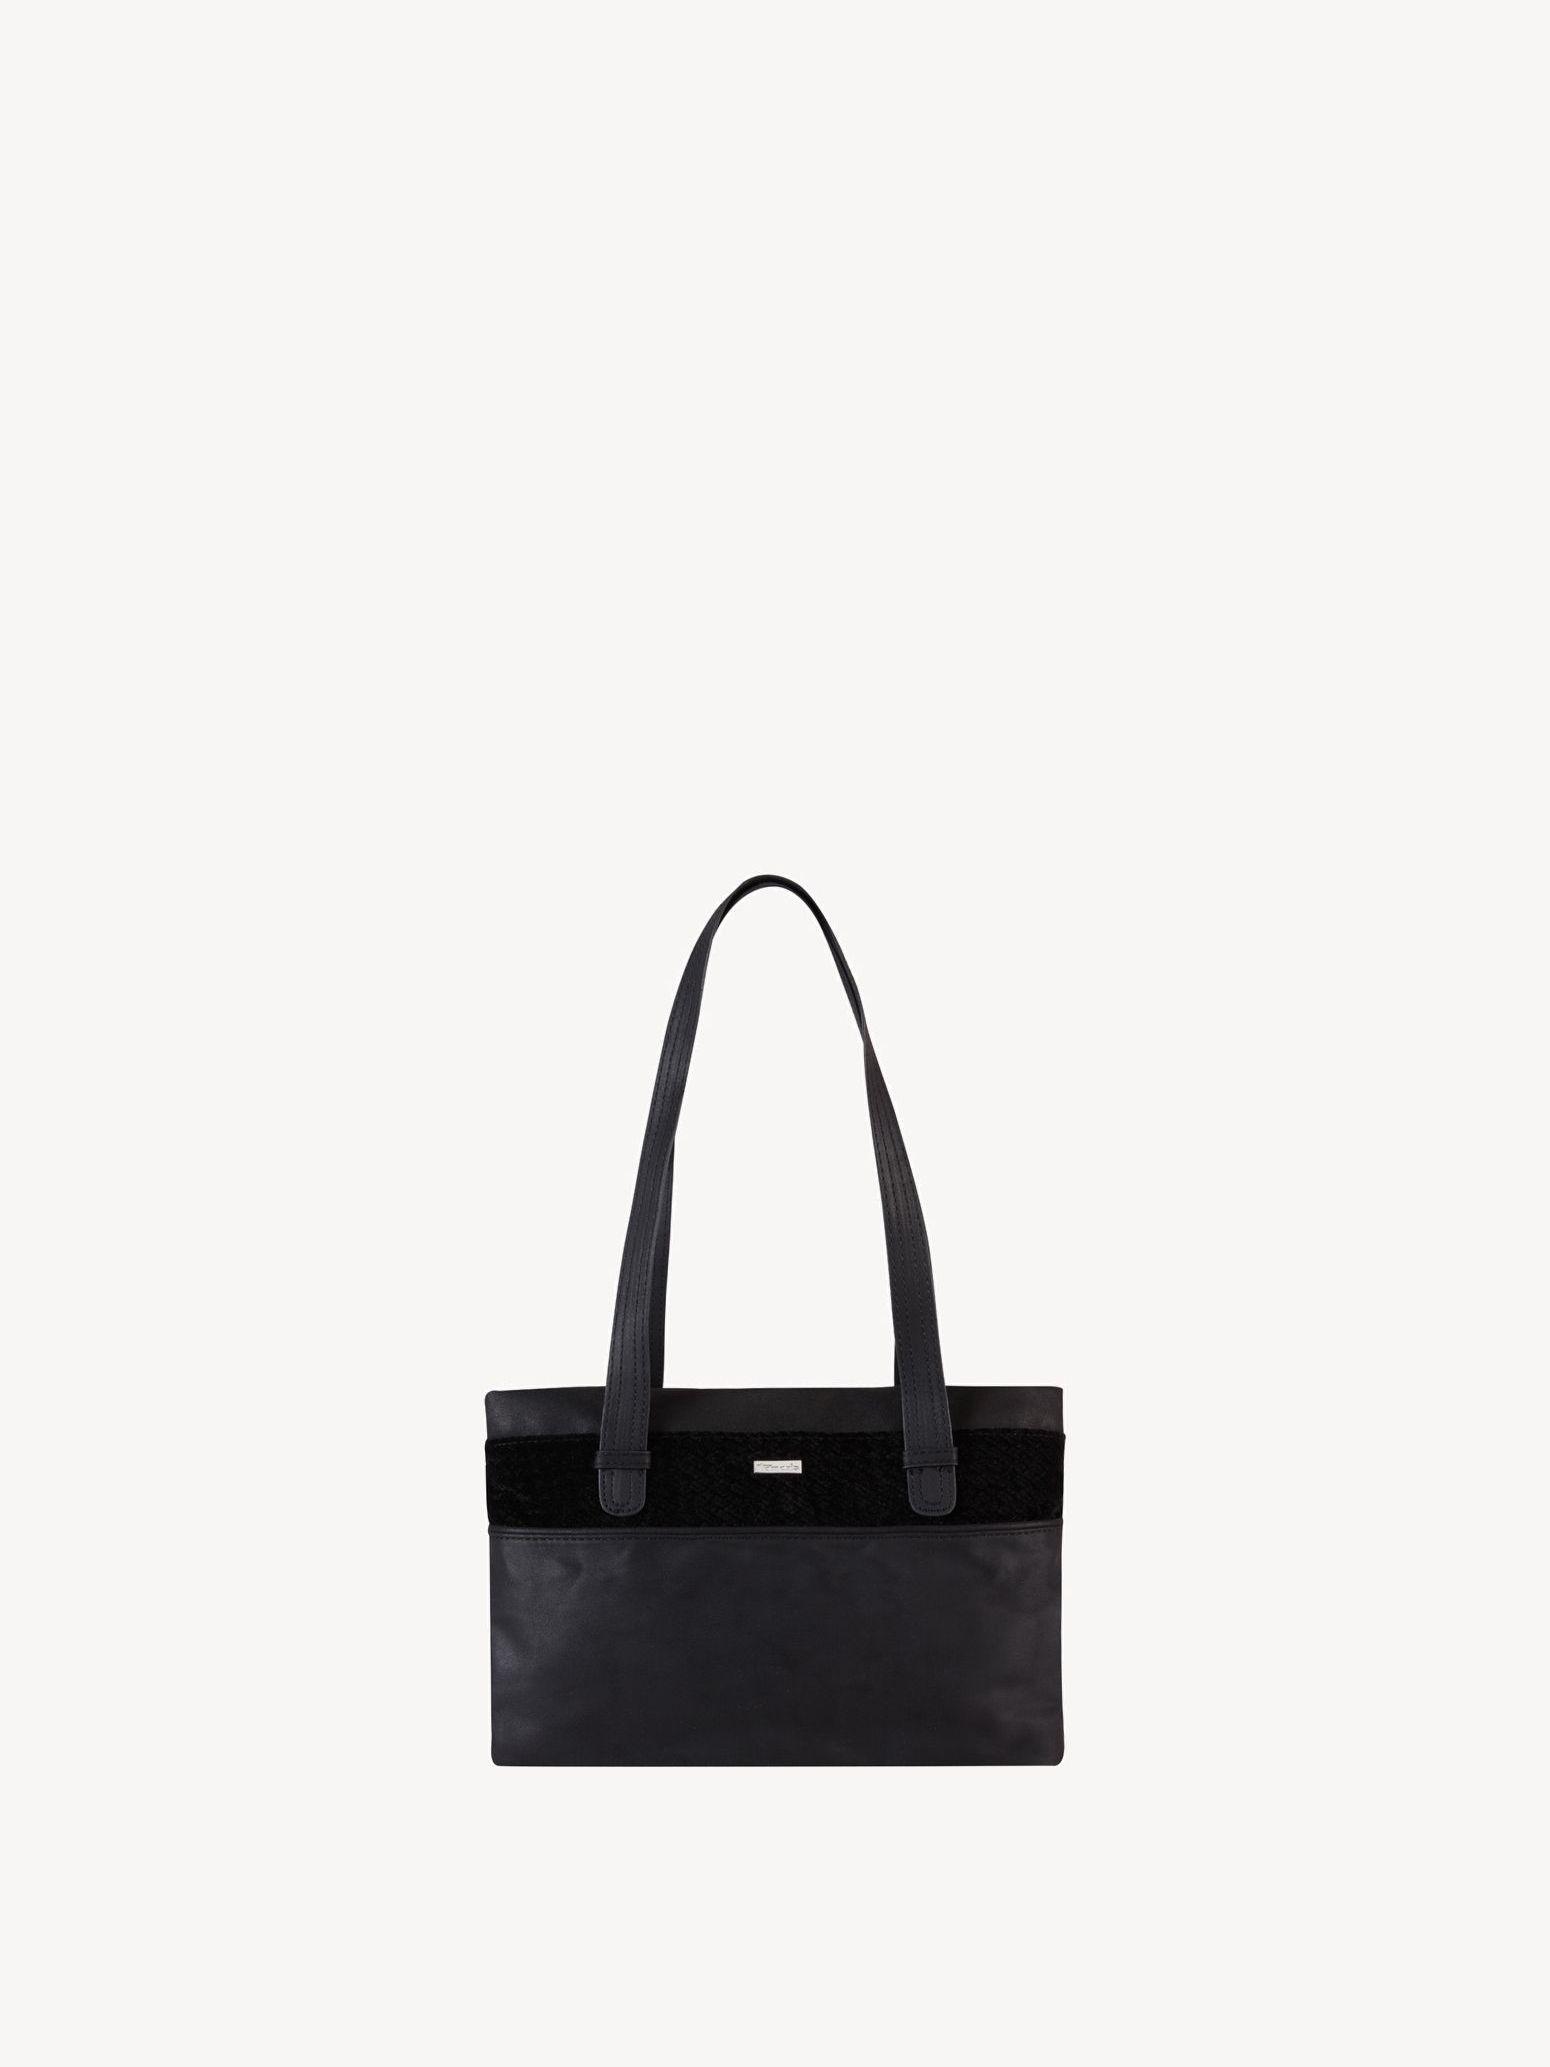 tamaris handtaschen online kaufen, Tamaris riemensandalette